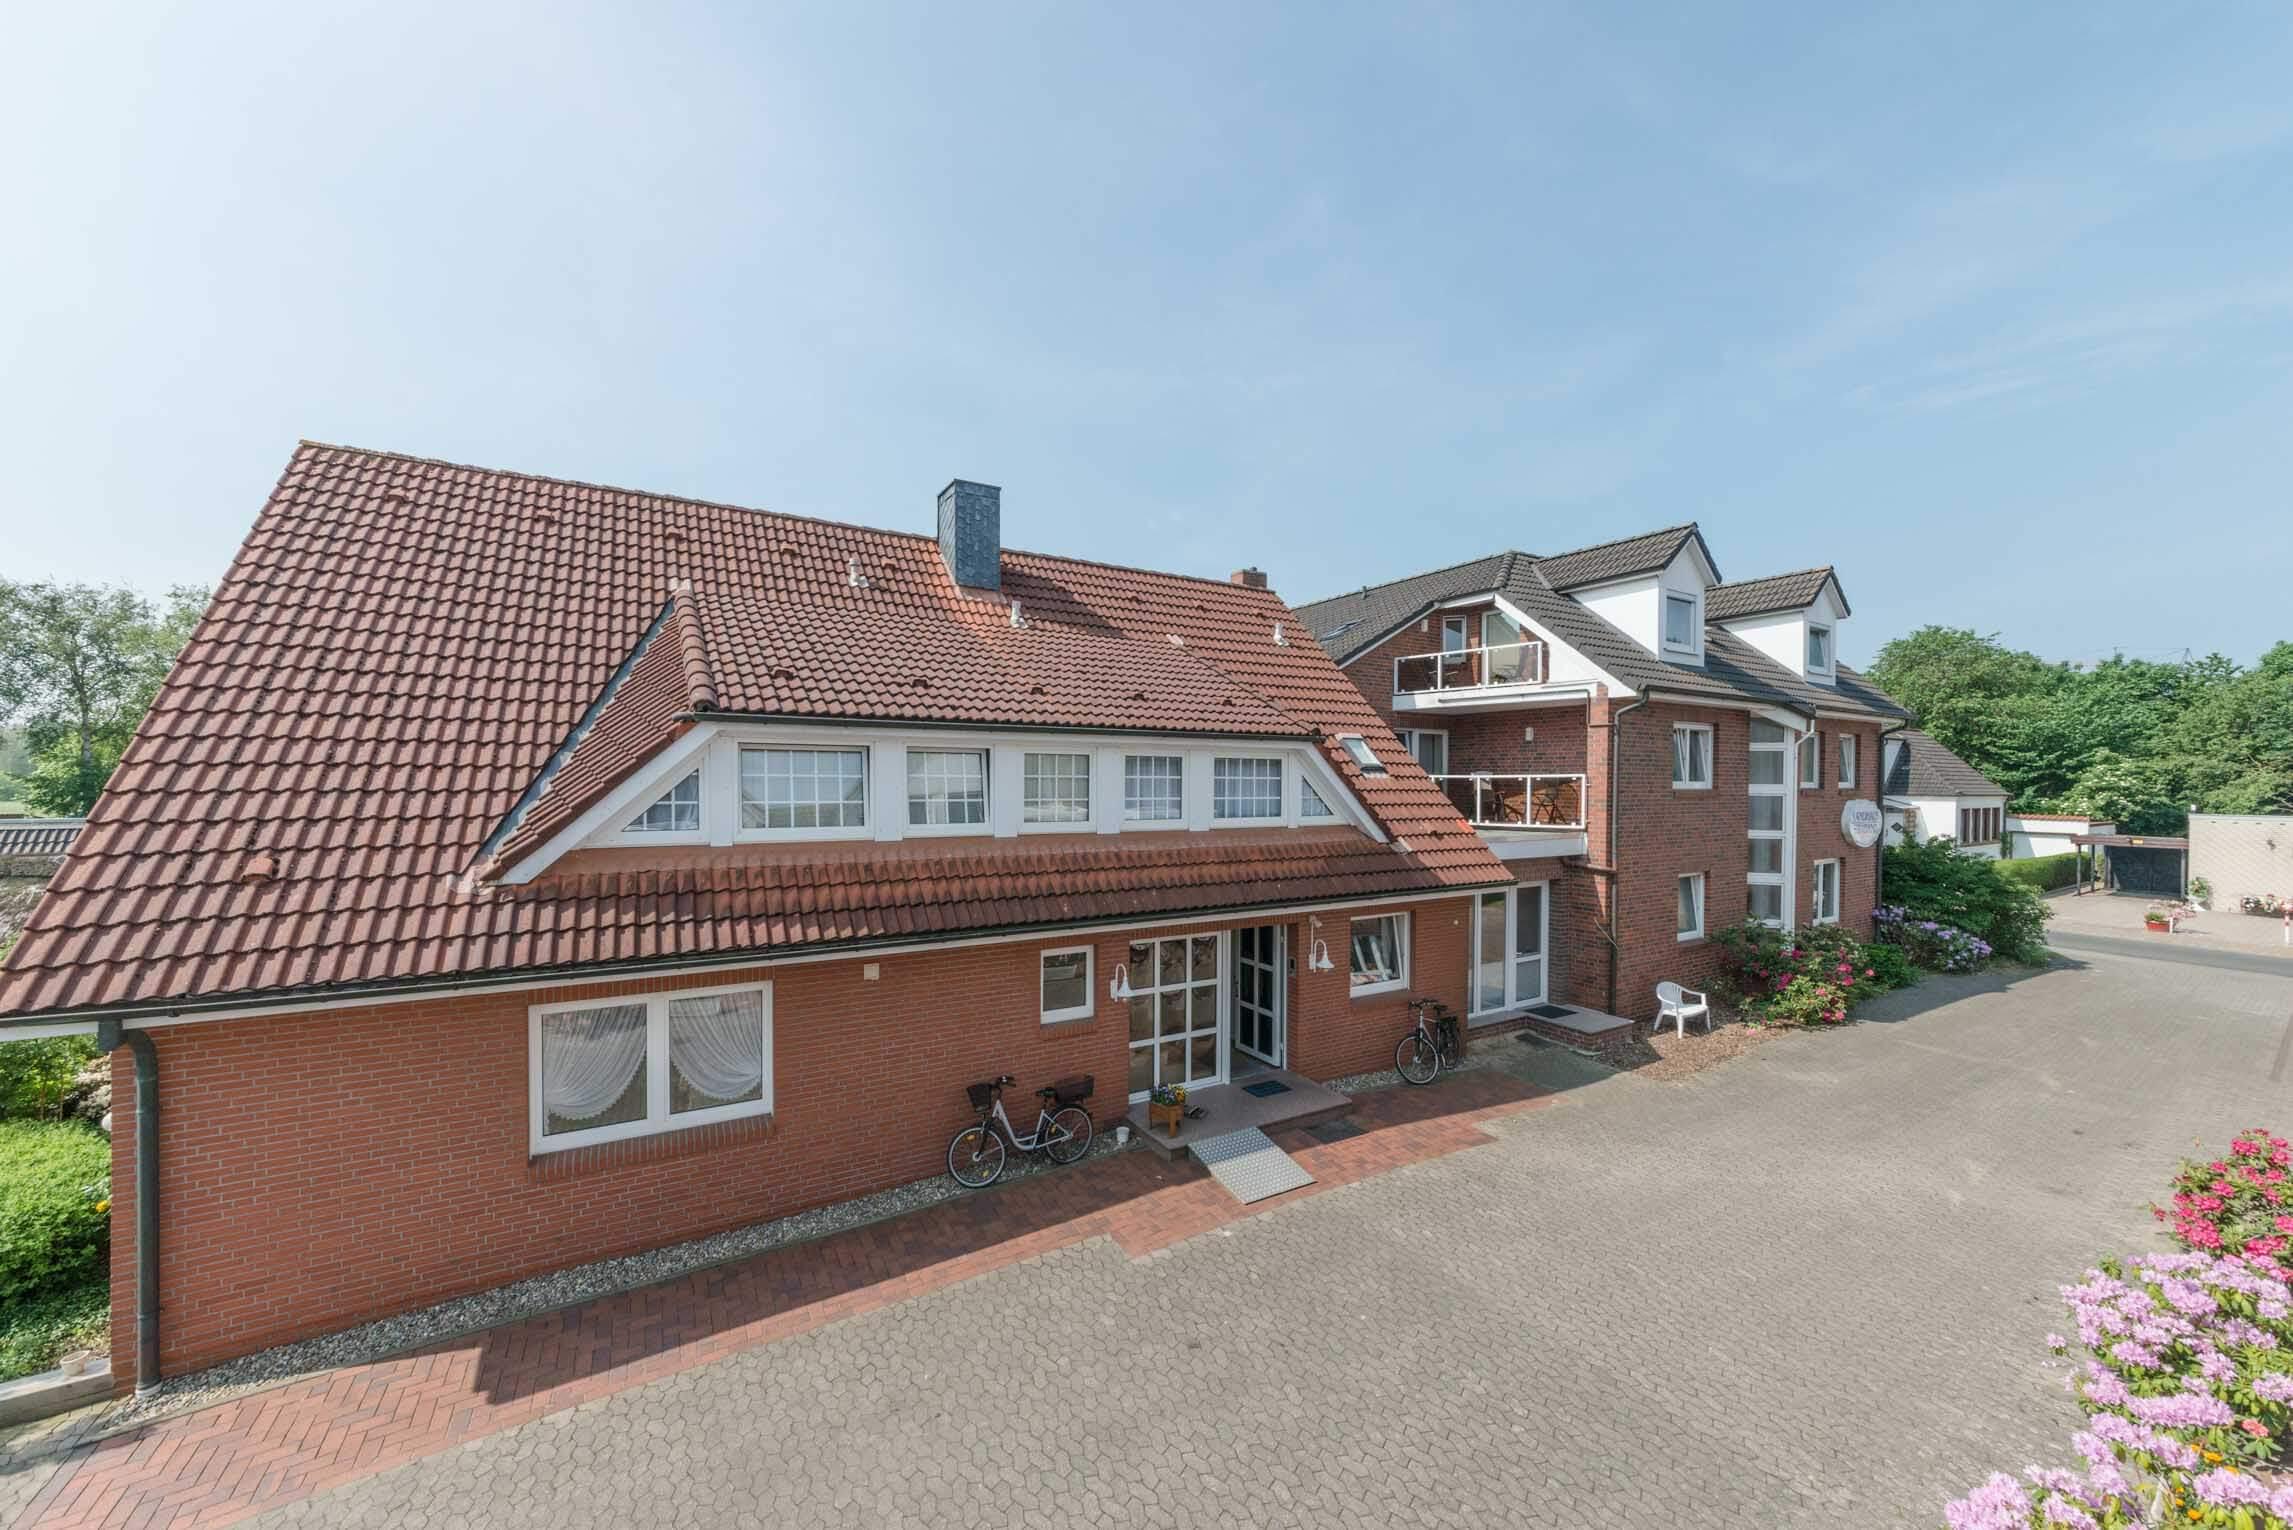 Hotel Braband Cuxhaven Gästehaus